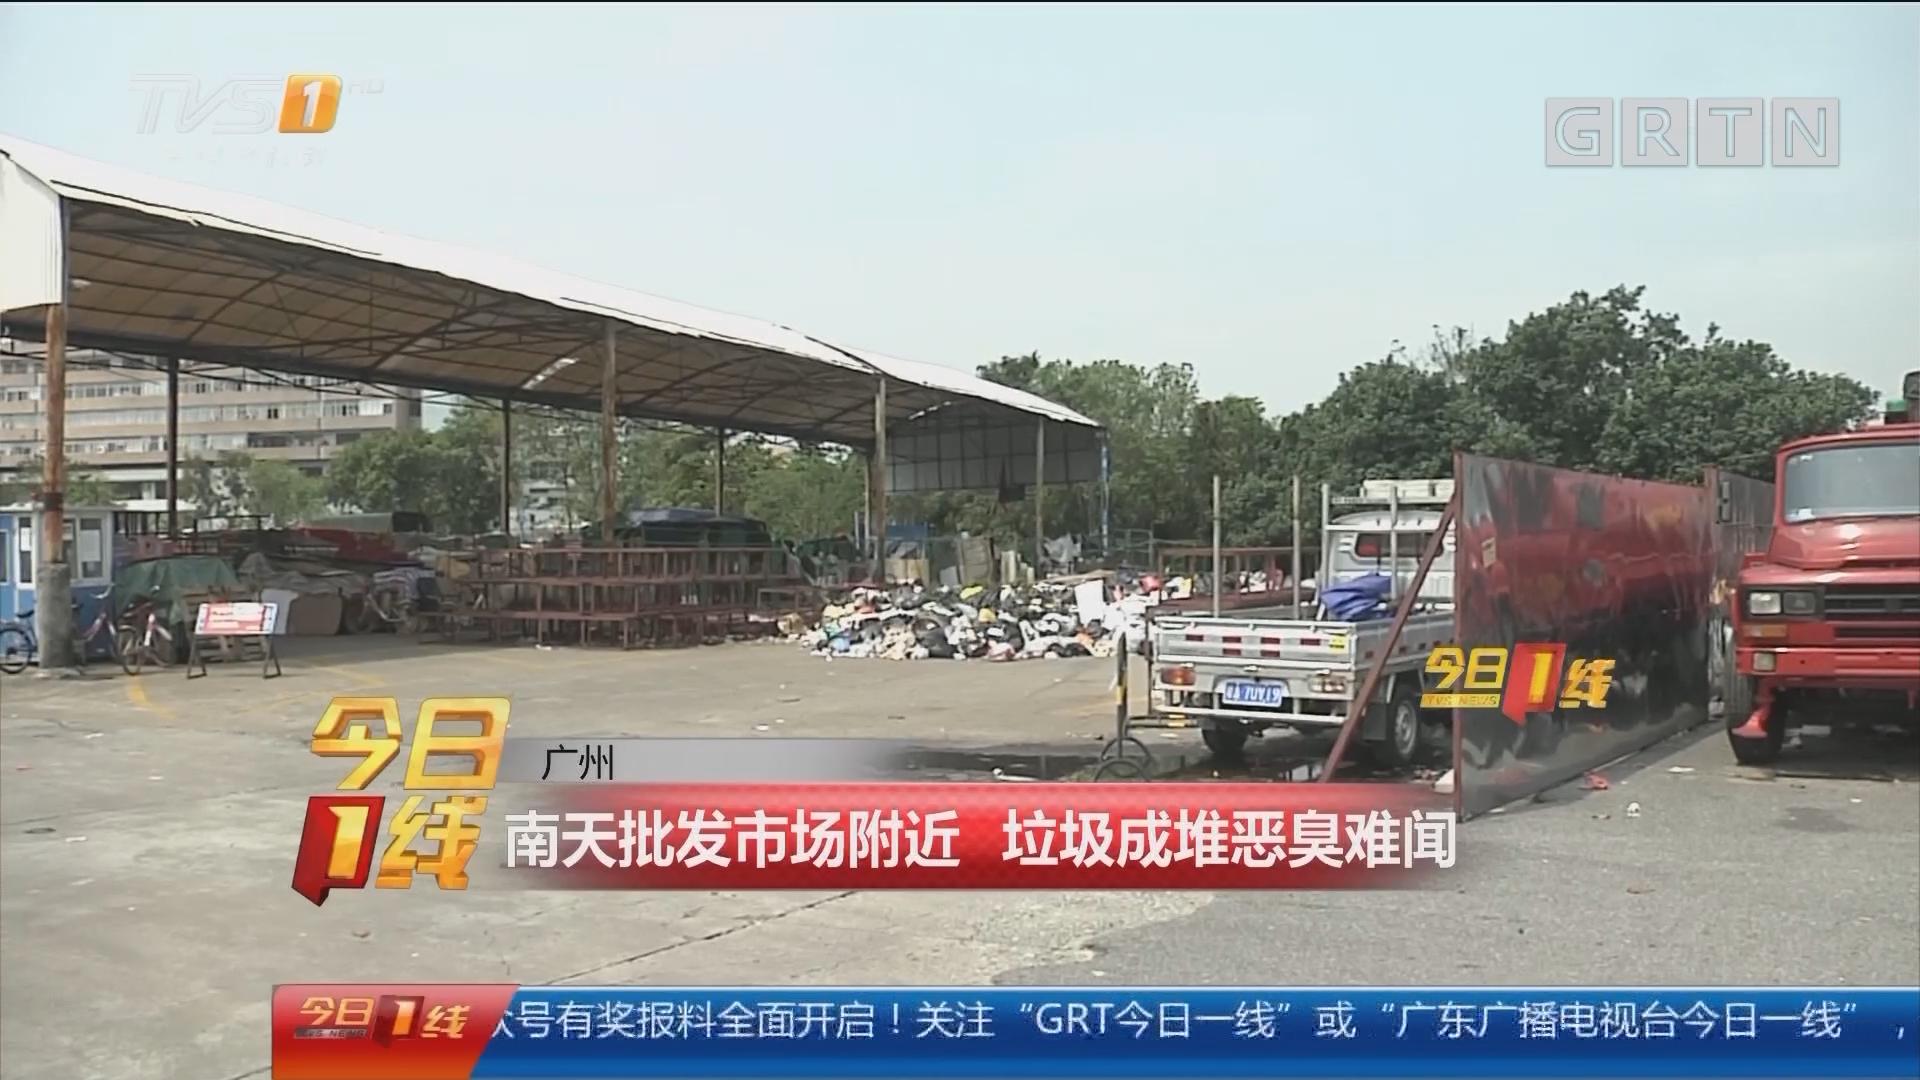 广州:南天批发市场附近 垃圾成堆恶臭难闻